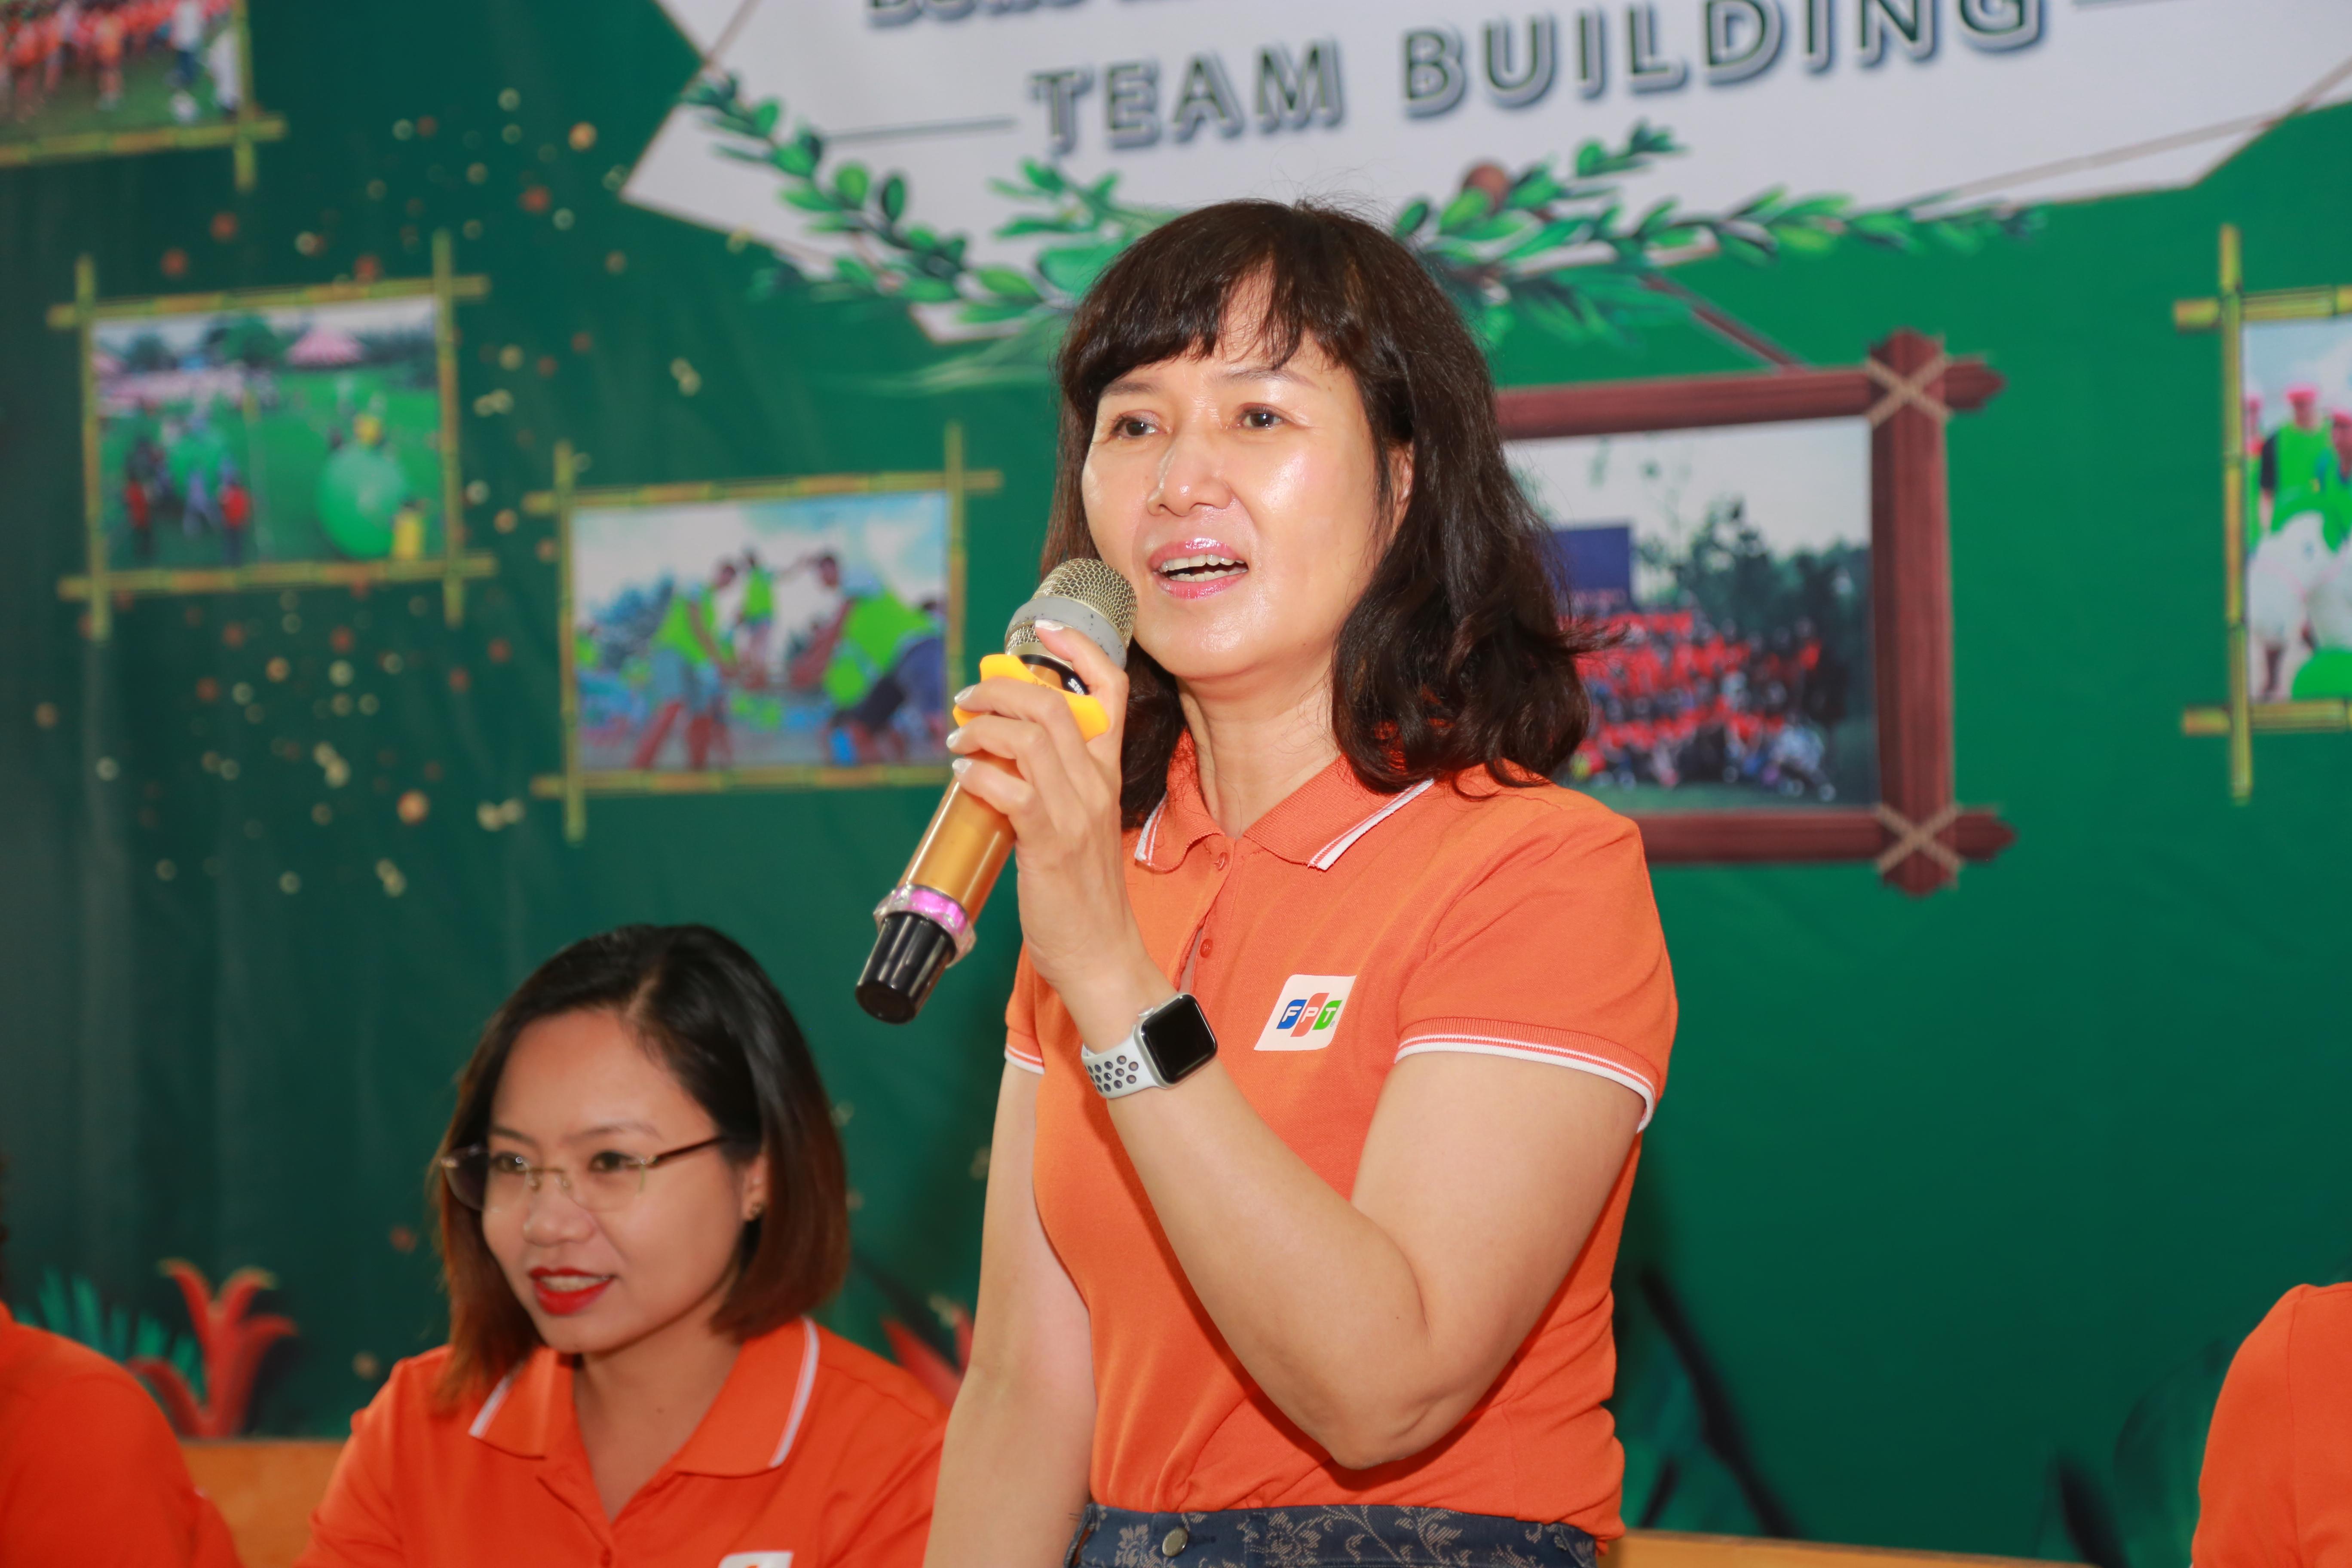 Chị Lại Hương Huyền (Chánh văn phòng FPT), gửi lời chúc sức khỏe đến các đội, giao lưu, đoàn kết và chơi hết mình chinh phục 5 trò chơi liên hoàn do BTC đưa ra và mang về phần quà giá trị cho đội mình.